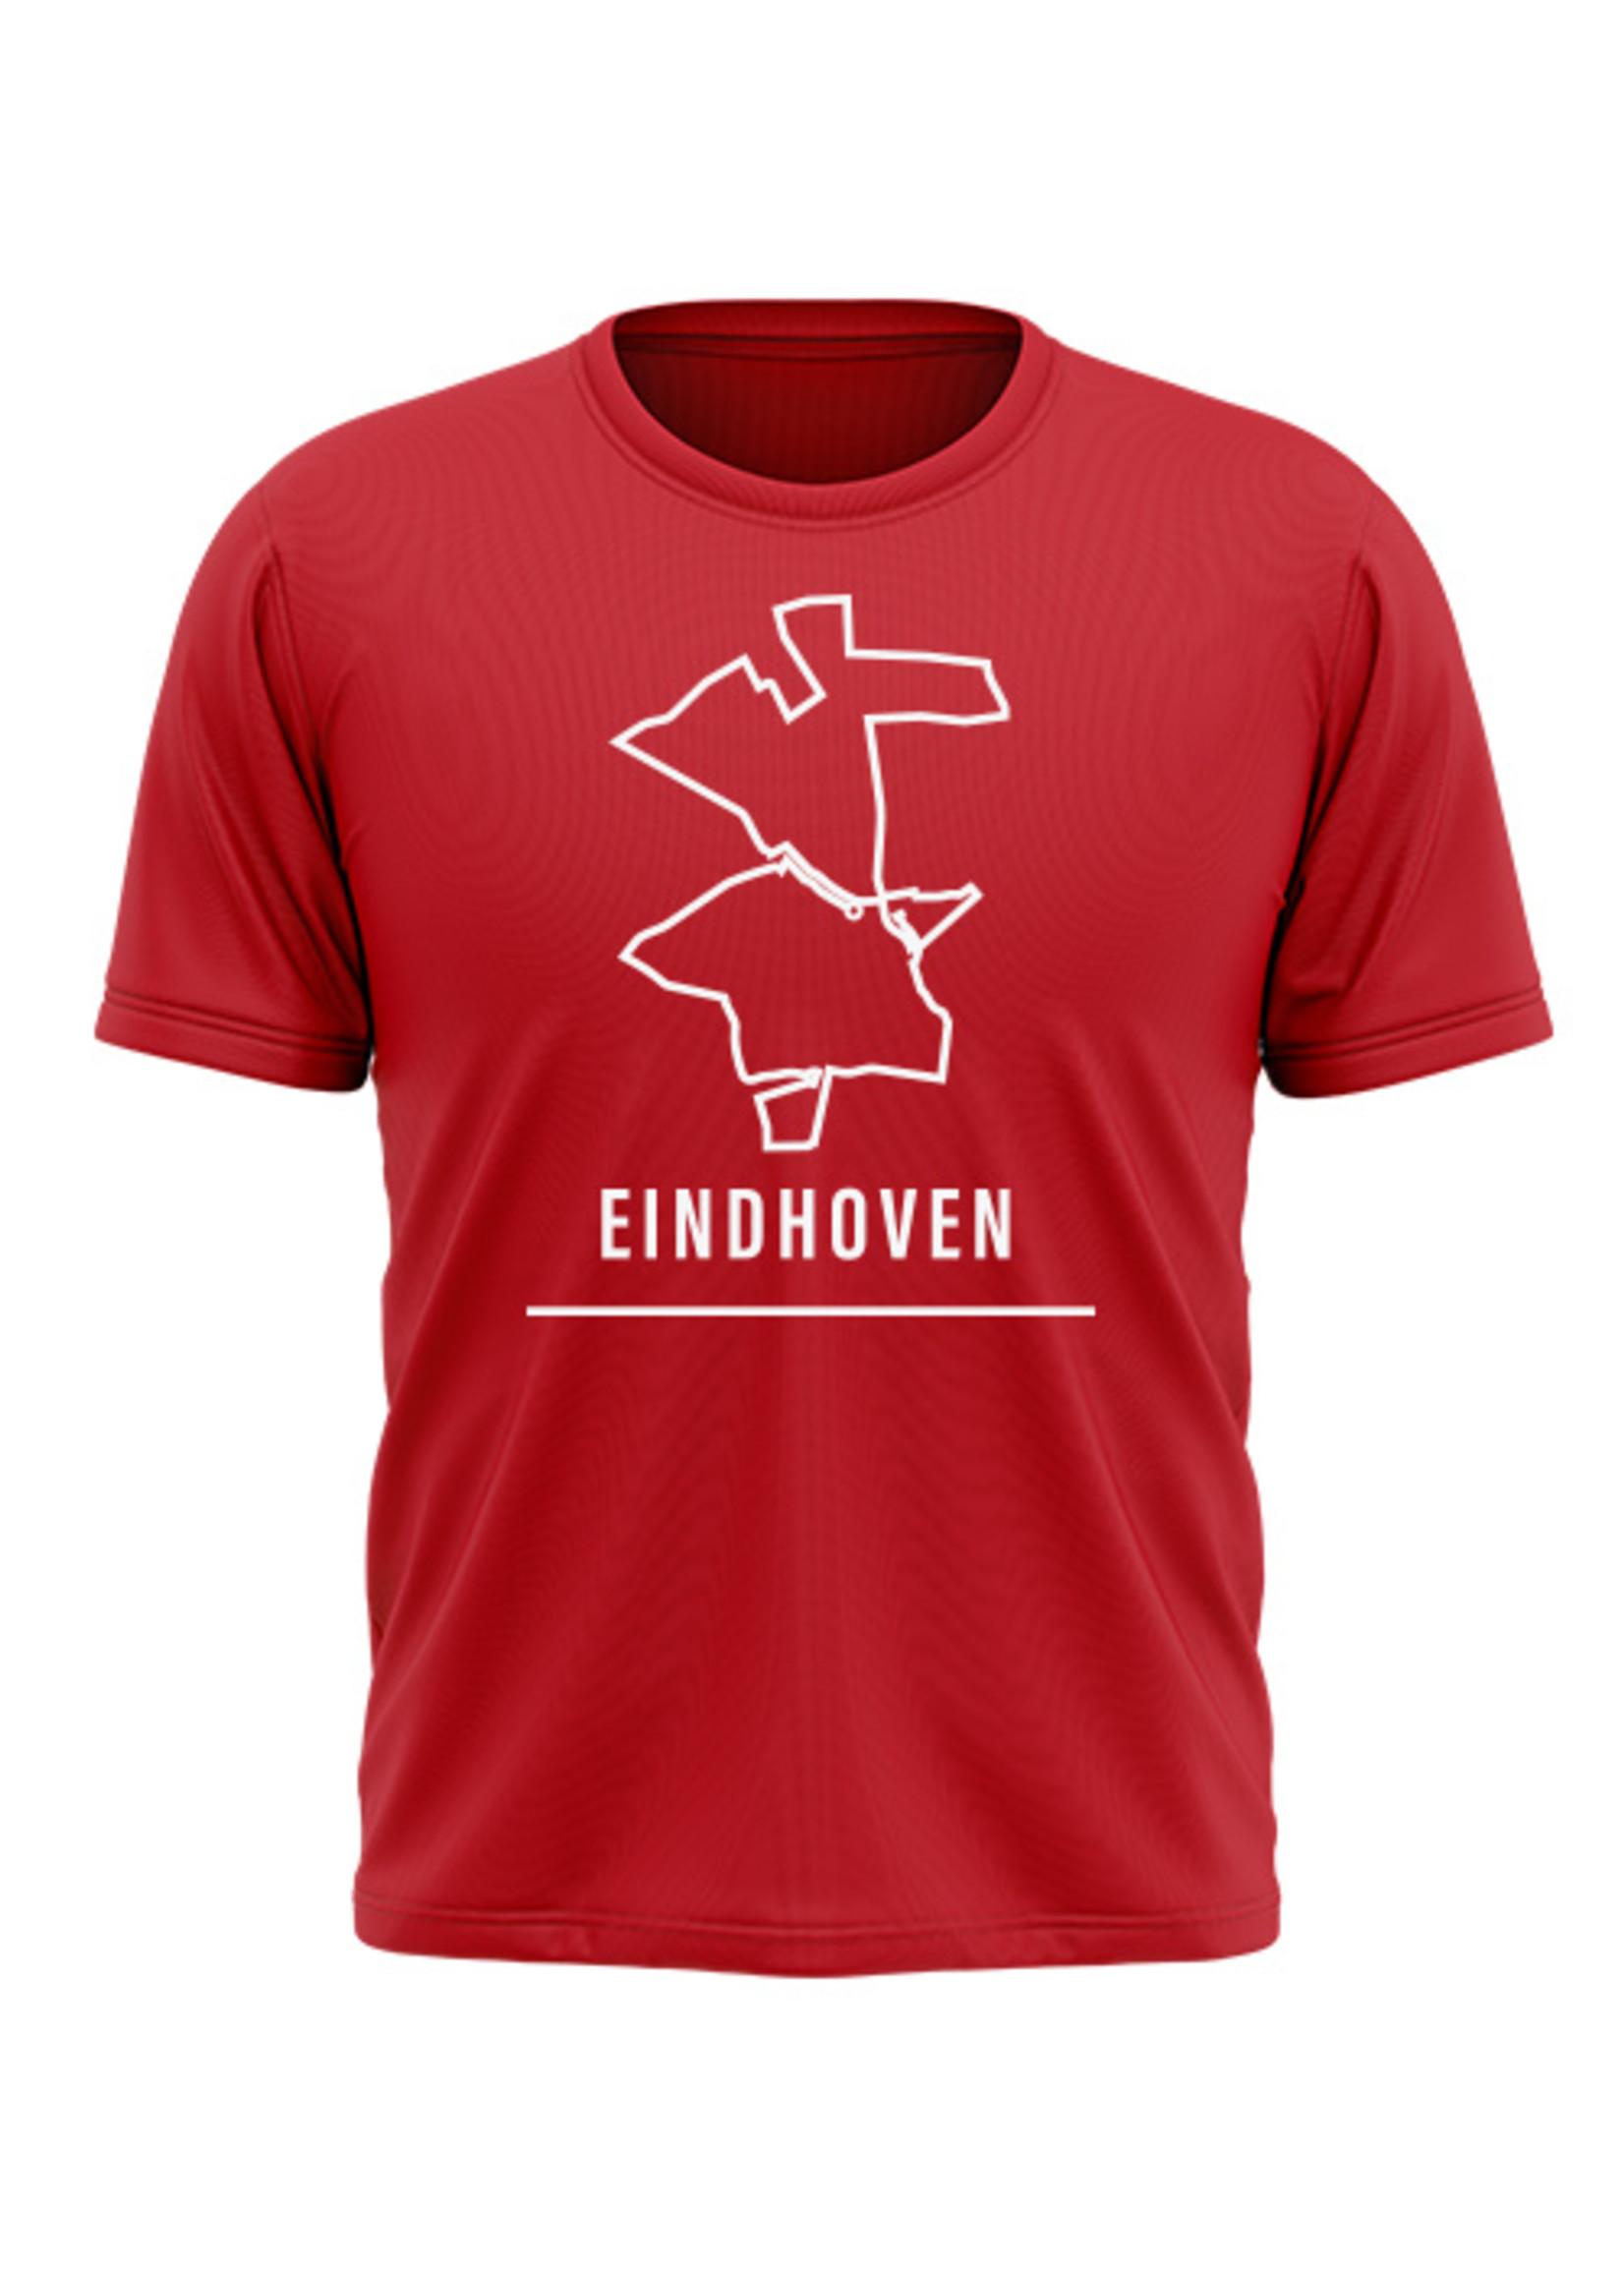 Rebel & Dutch Men sportshirt Eindhoven marathon